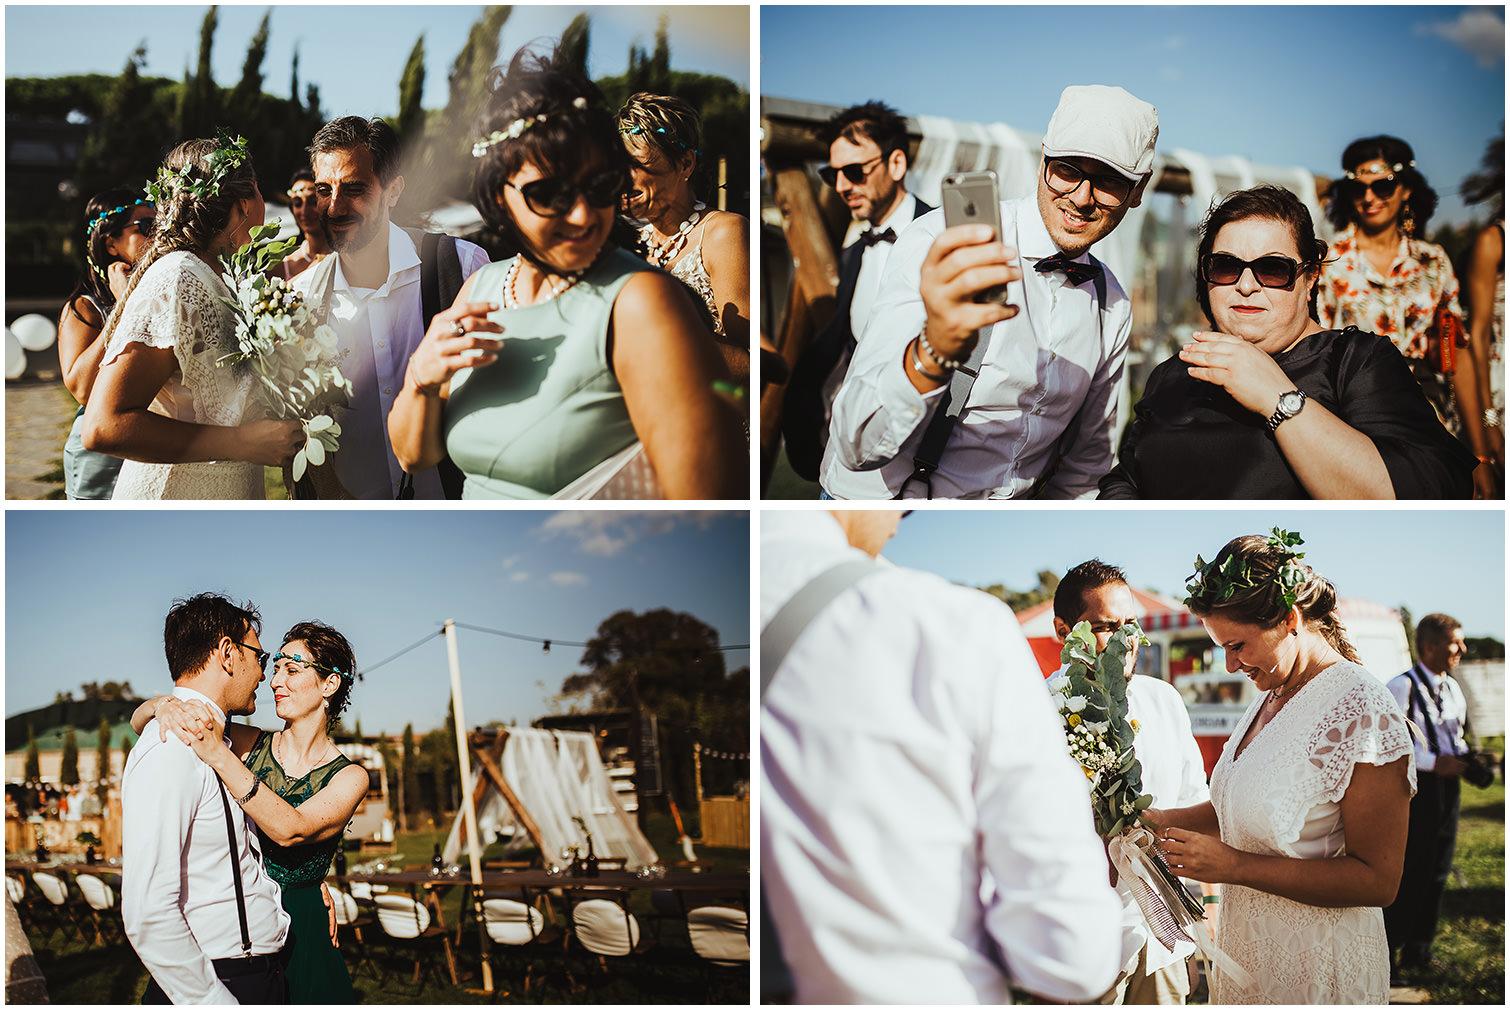 CLARA-RICCARDO-MATRIMONIO-CIRCO-VOLAVOILA-ROMA-SARA-LORENZONI-WEDDING-PHOTOGRAPHY-019